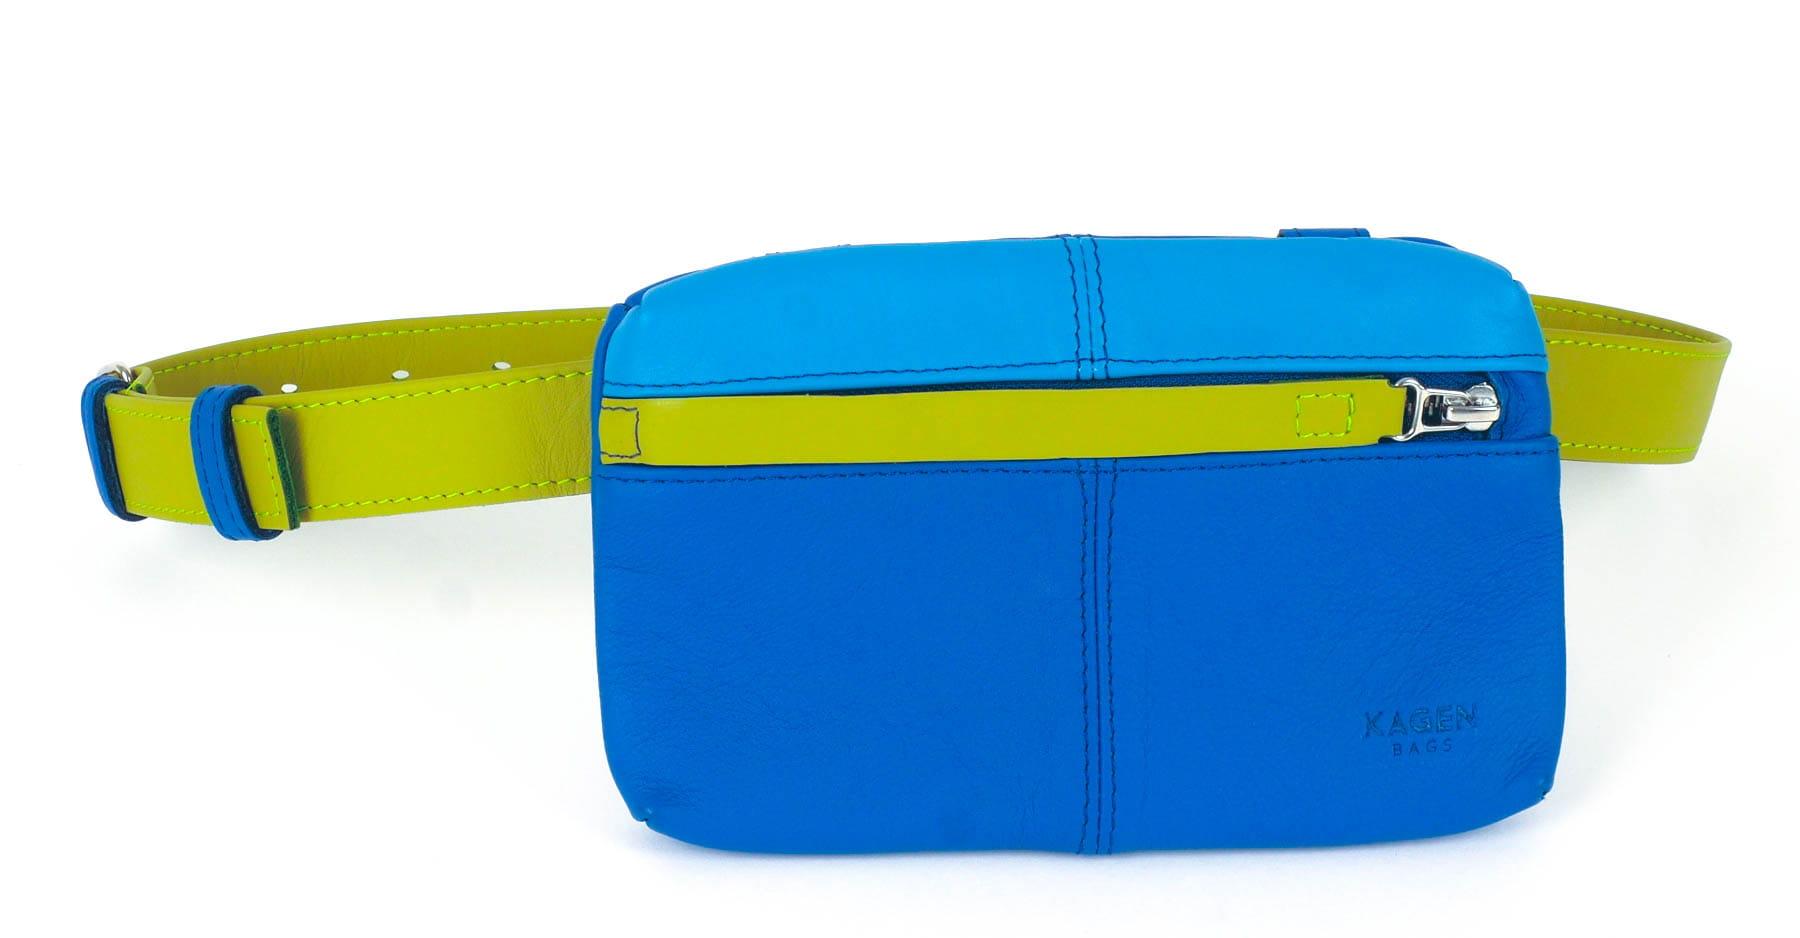 52d3083661fcb Torebka biodrówka/mini torebka YOKO chaber/błękit Kagenbags